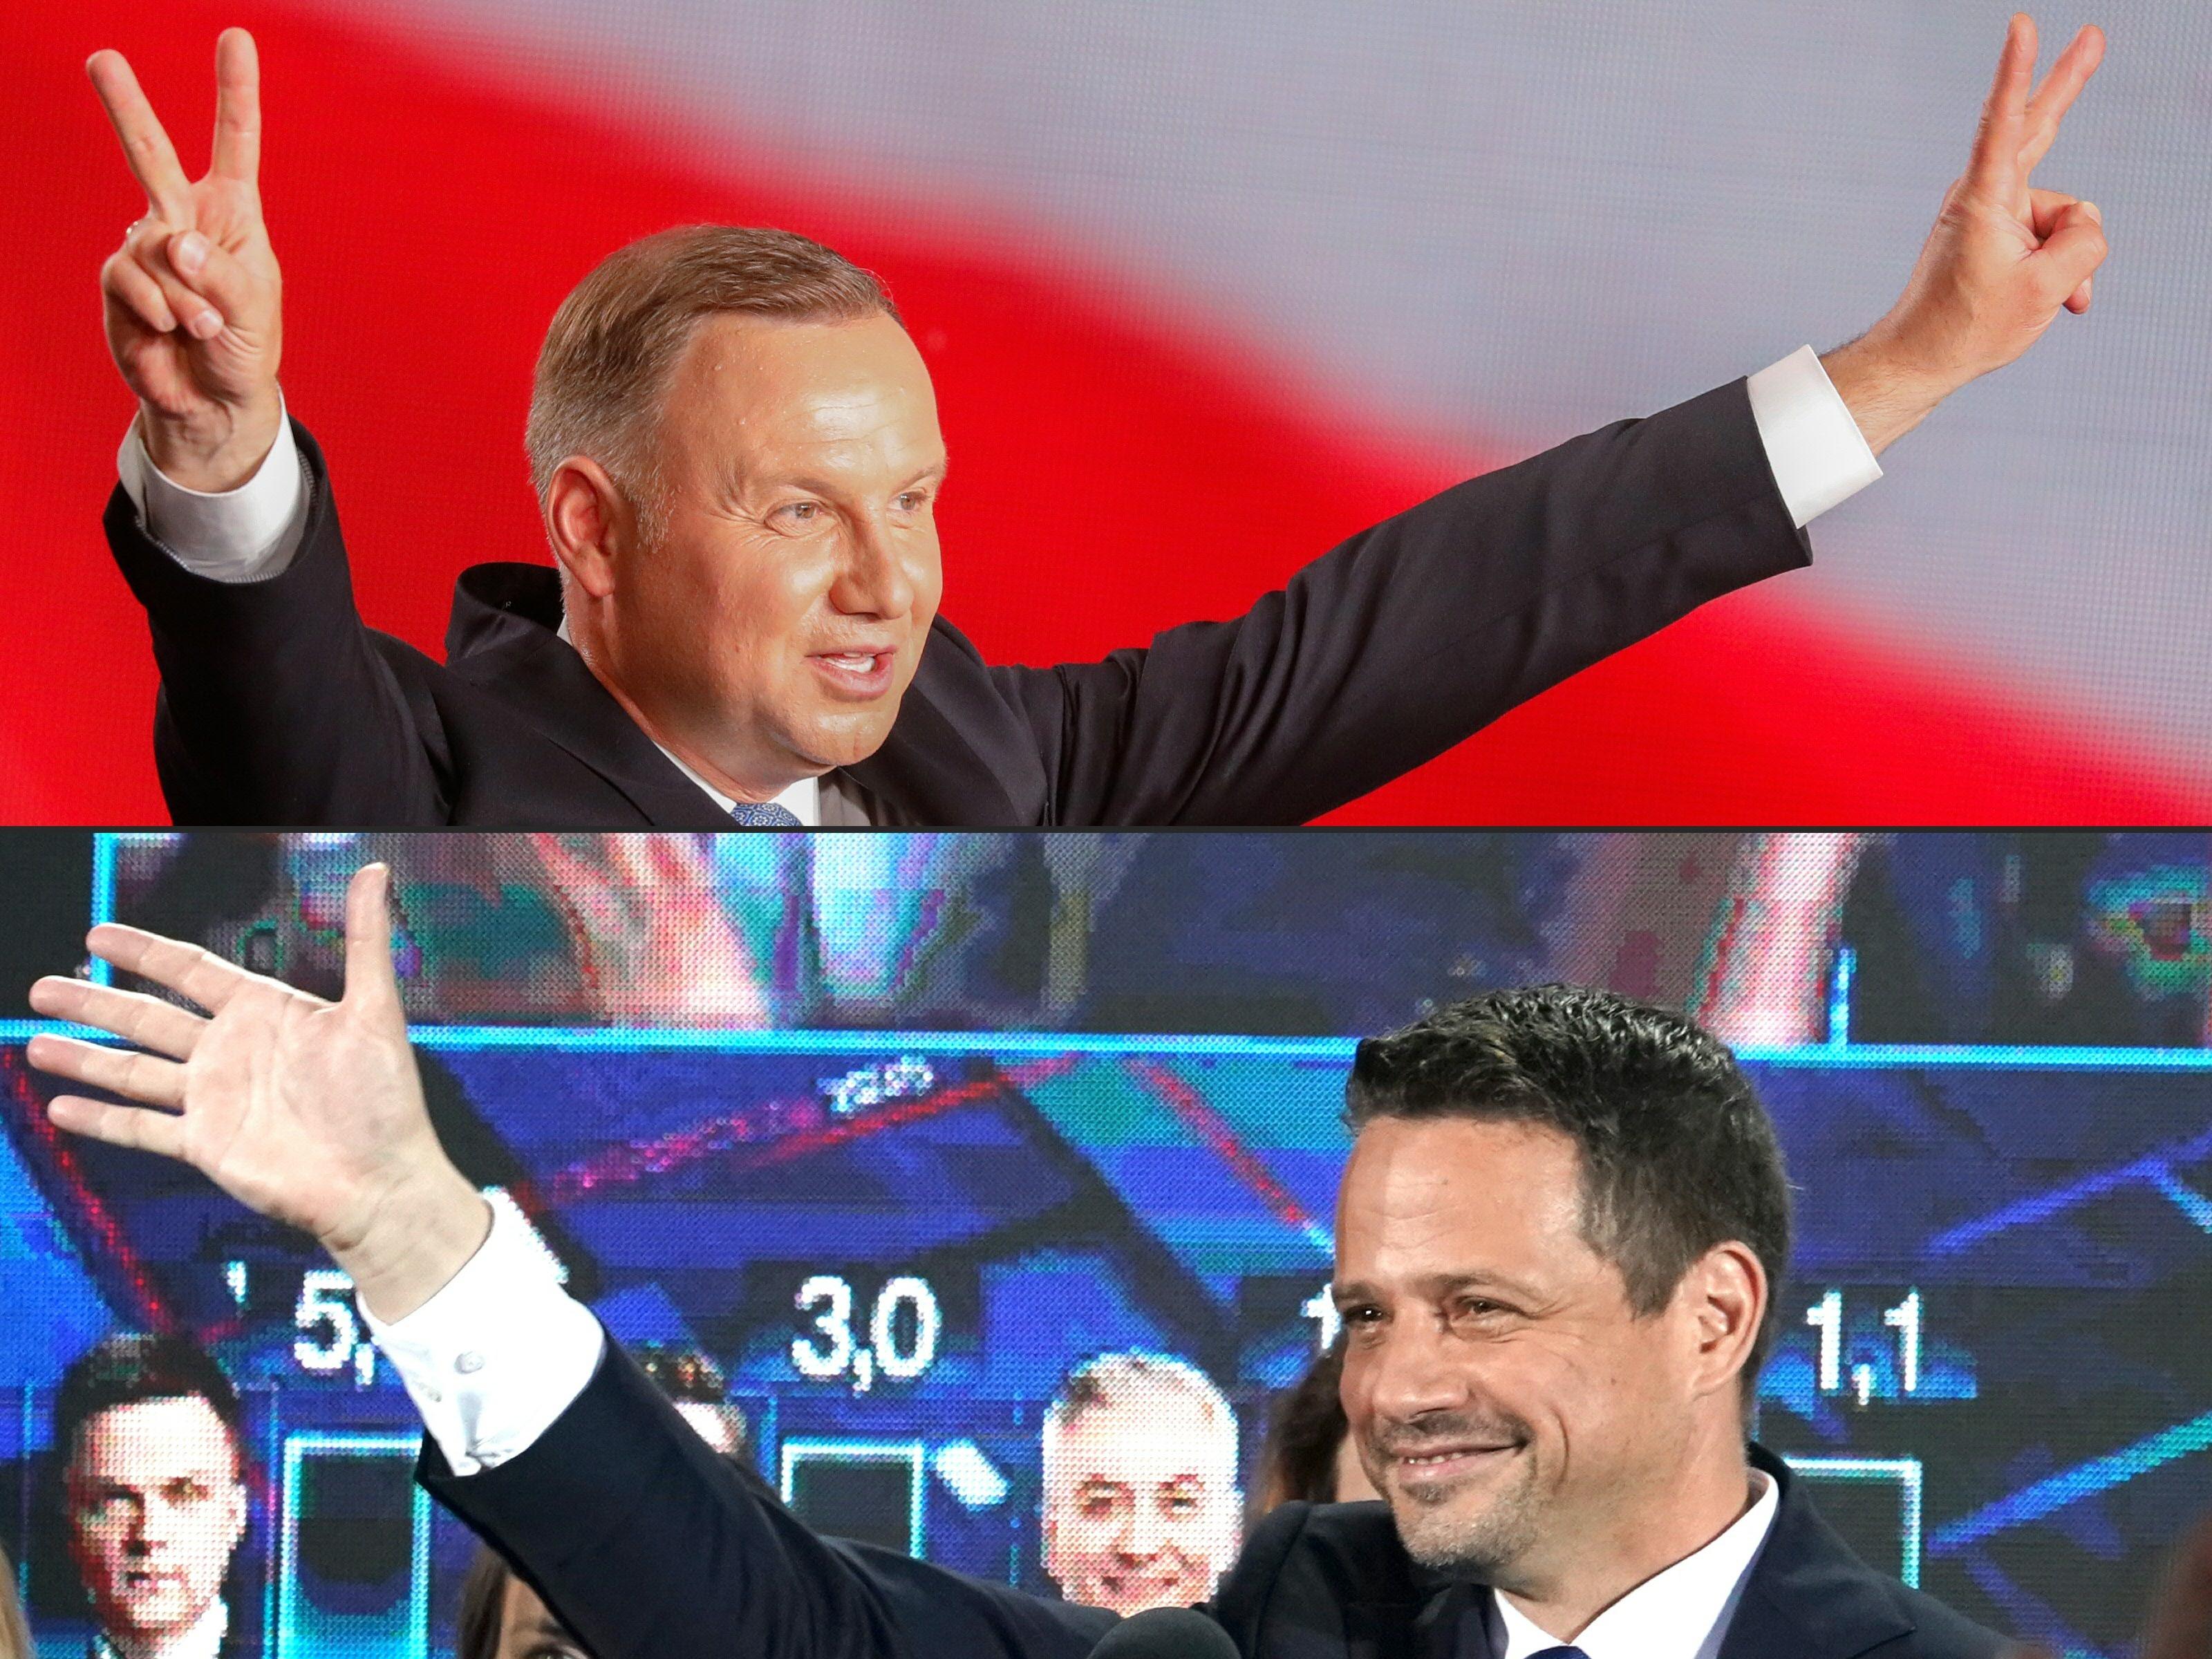 Duda nyert, de a varsói főpolgármesternek van esélye a lengyel elnökválasztás második fordulójában